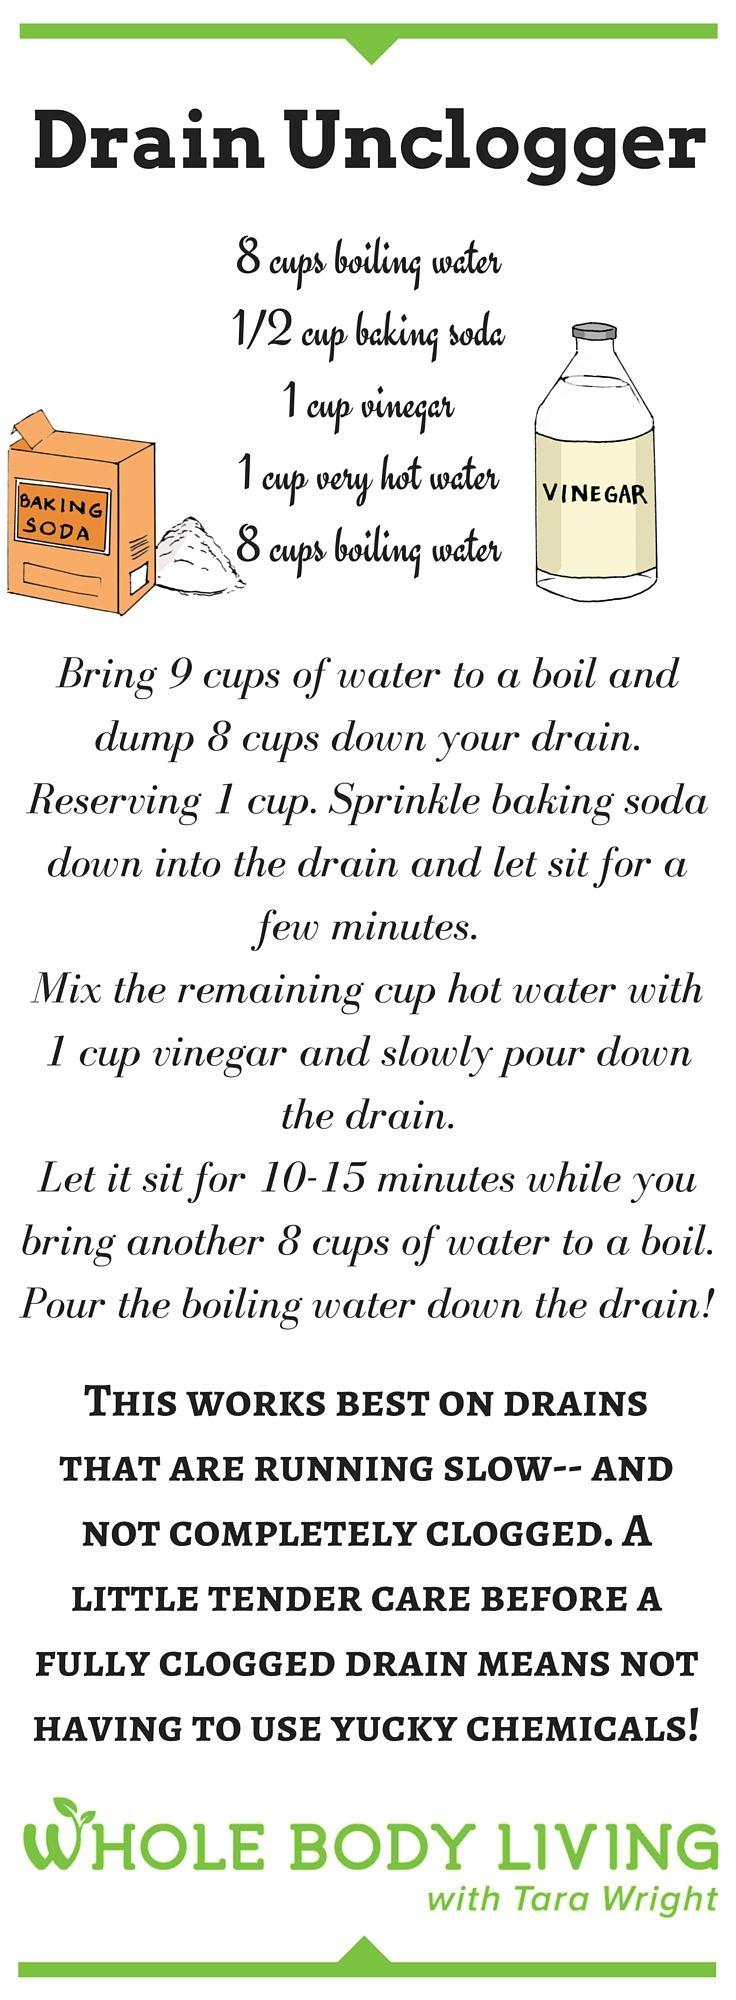 DIY Drain Unclogger. Clogged DrainsUnclog Bathtub ...